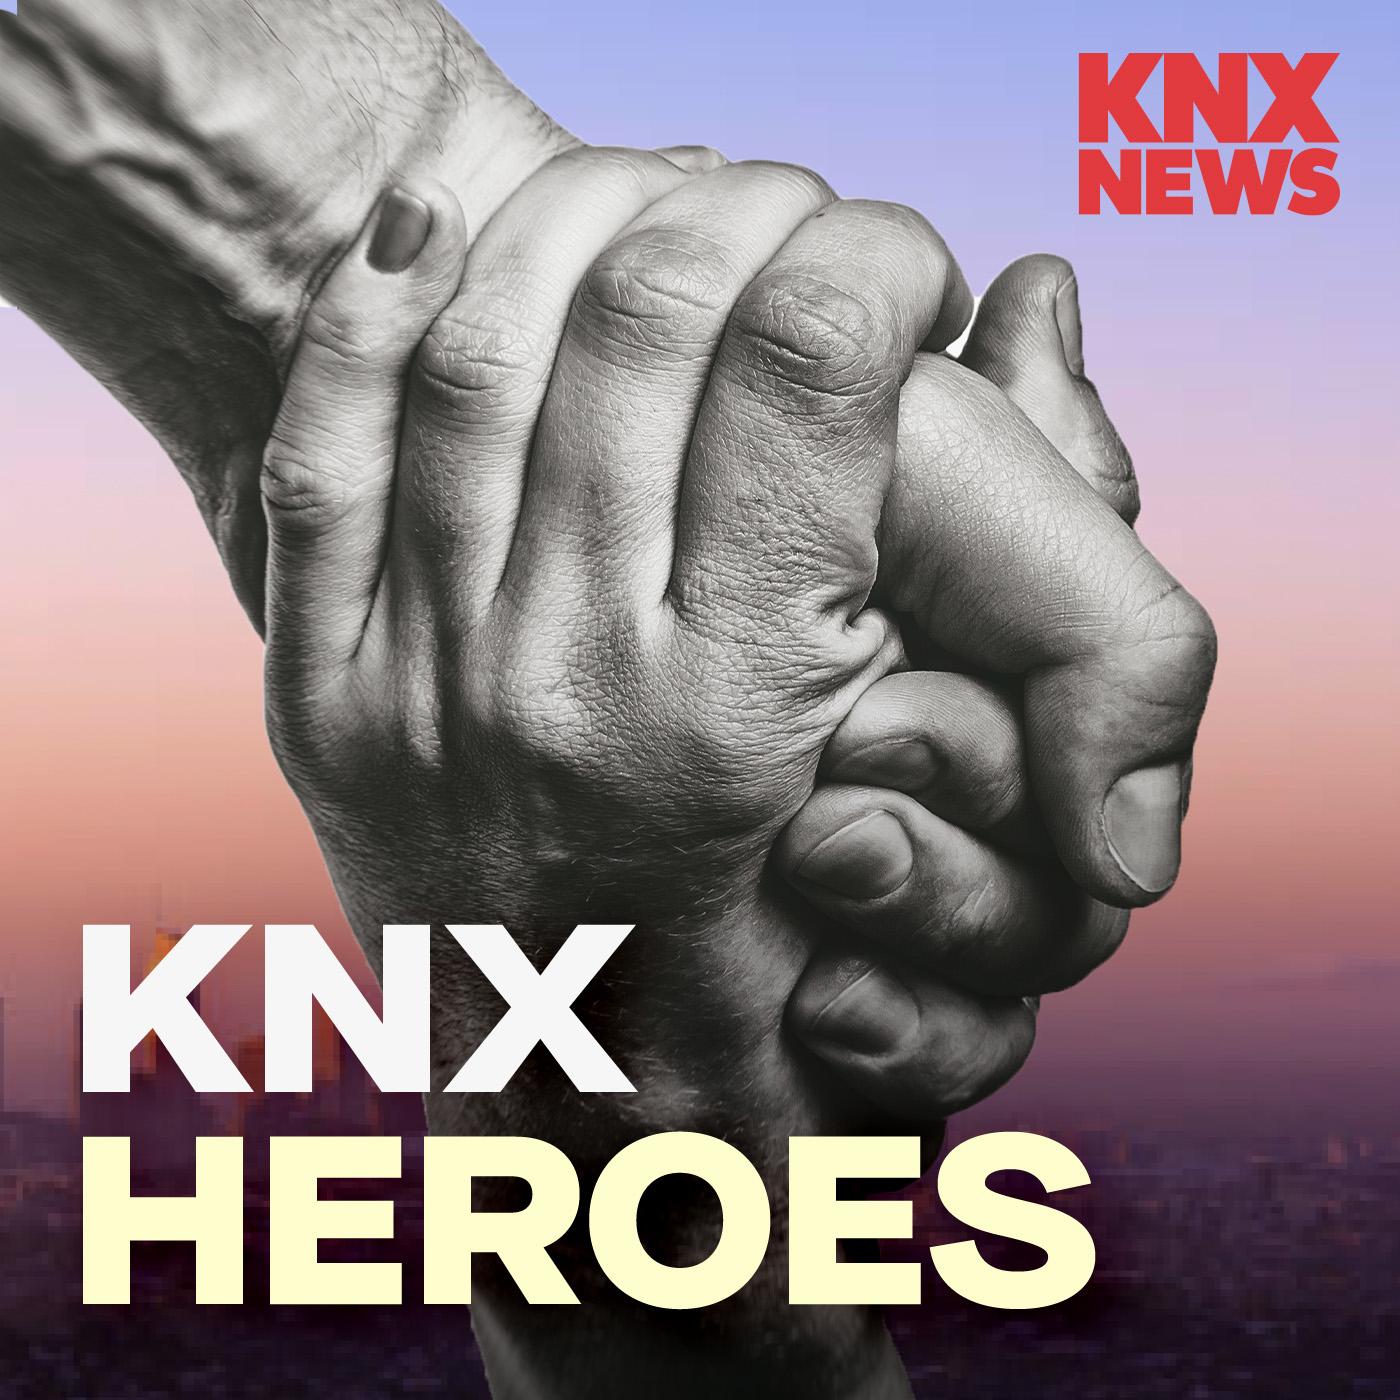 KNX Helpful Honda Hero of the Week